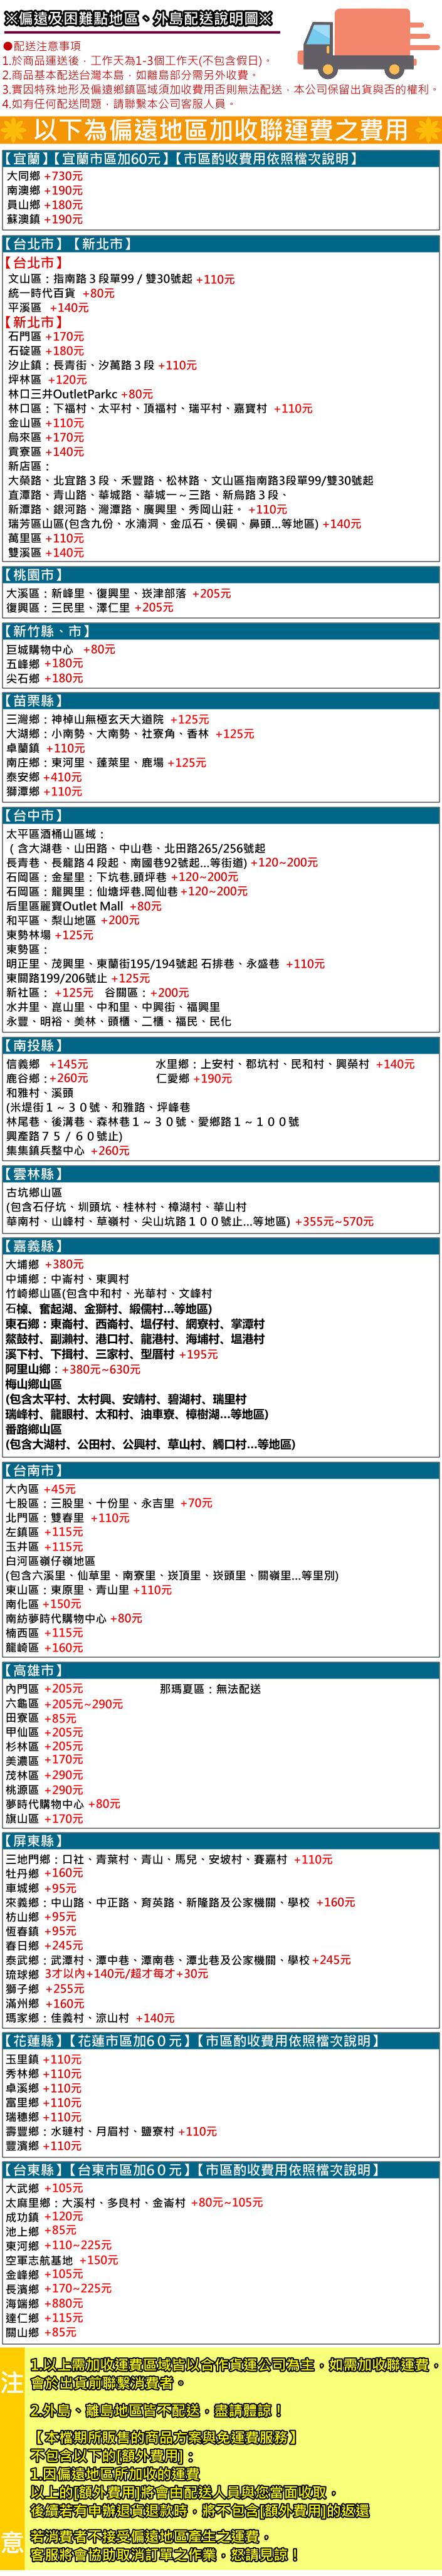 MIT時尚五勾旋轉衣帽架/MIT/台灣製/臺灣/衣帽架/掛架/收納/360度